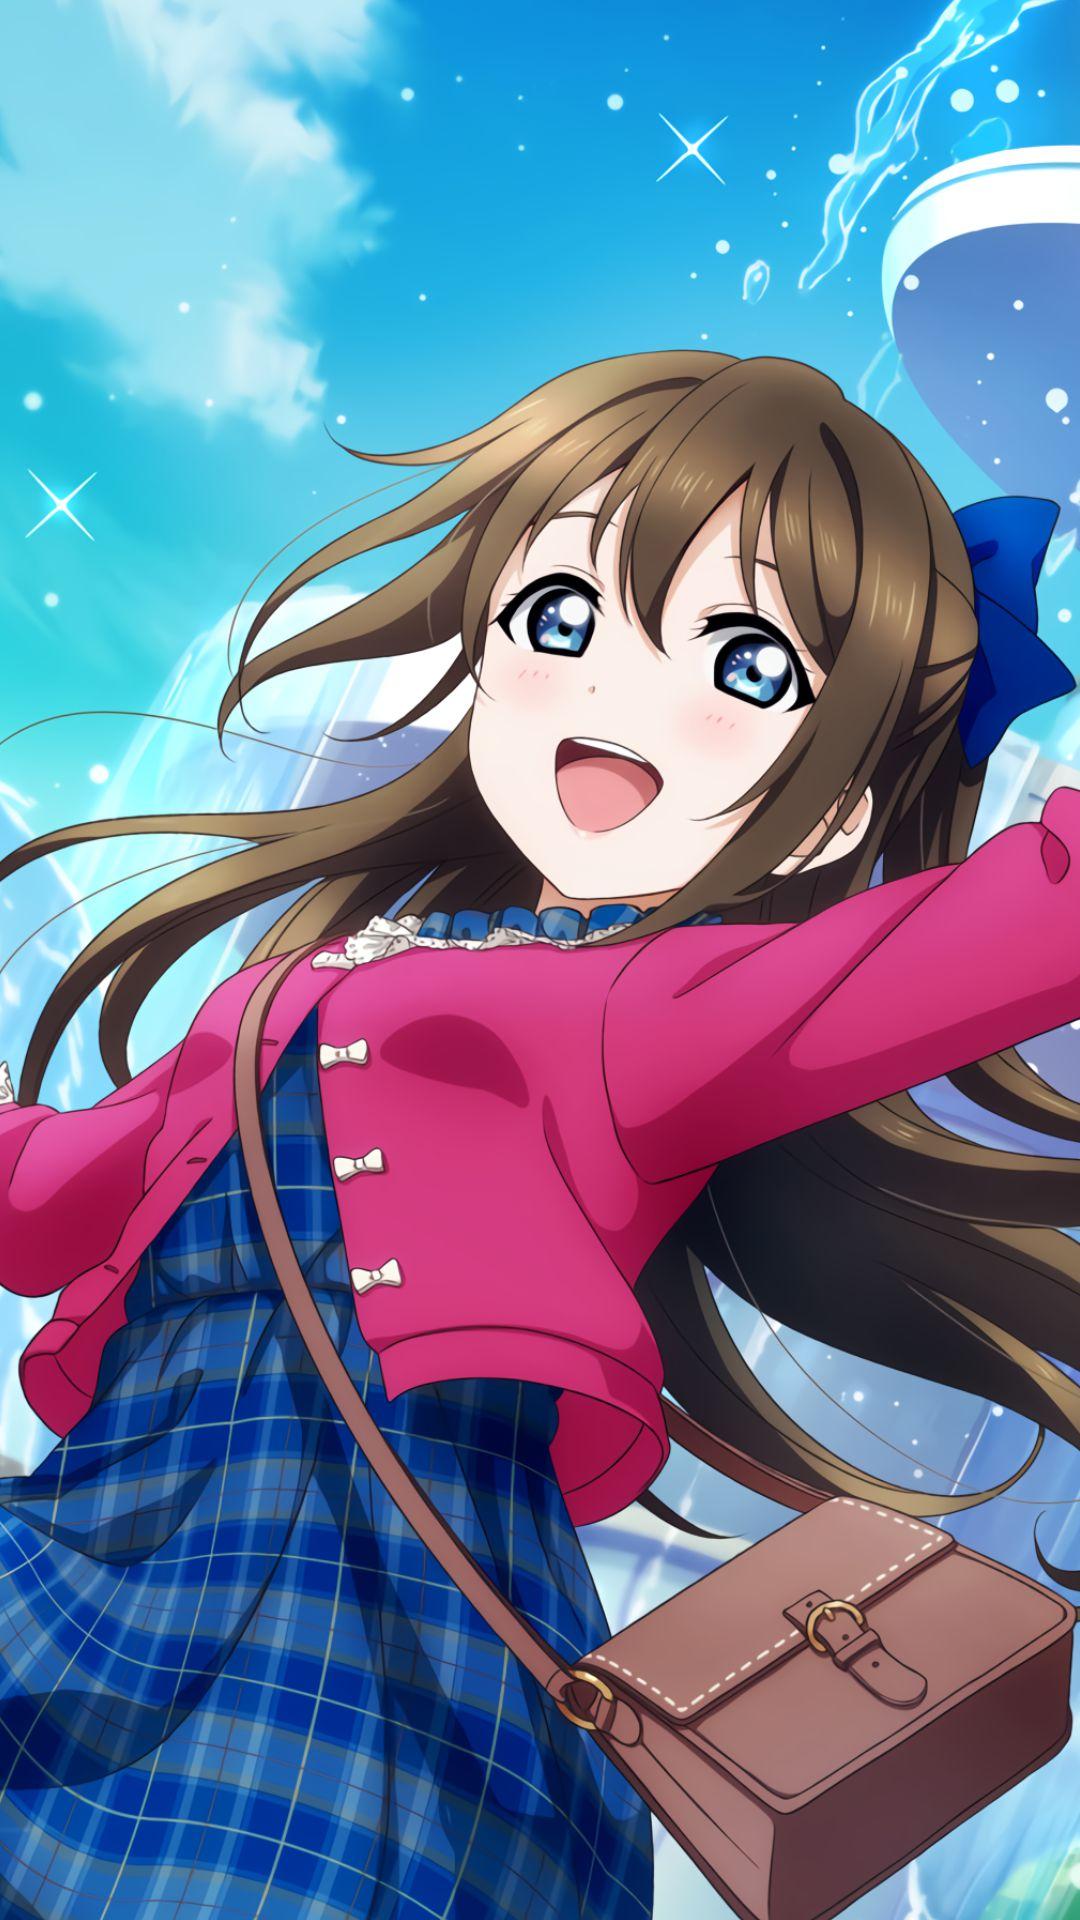 ラブライブ虹ヶ咲-桜坂しずくiPhone壁紙,Androidスマホ用画像